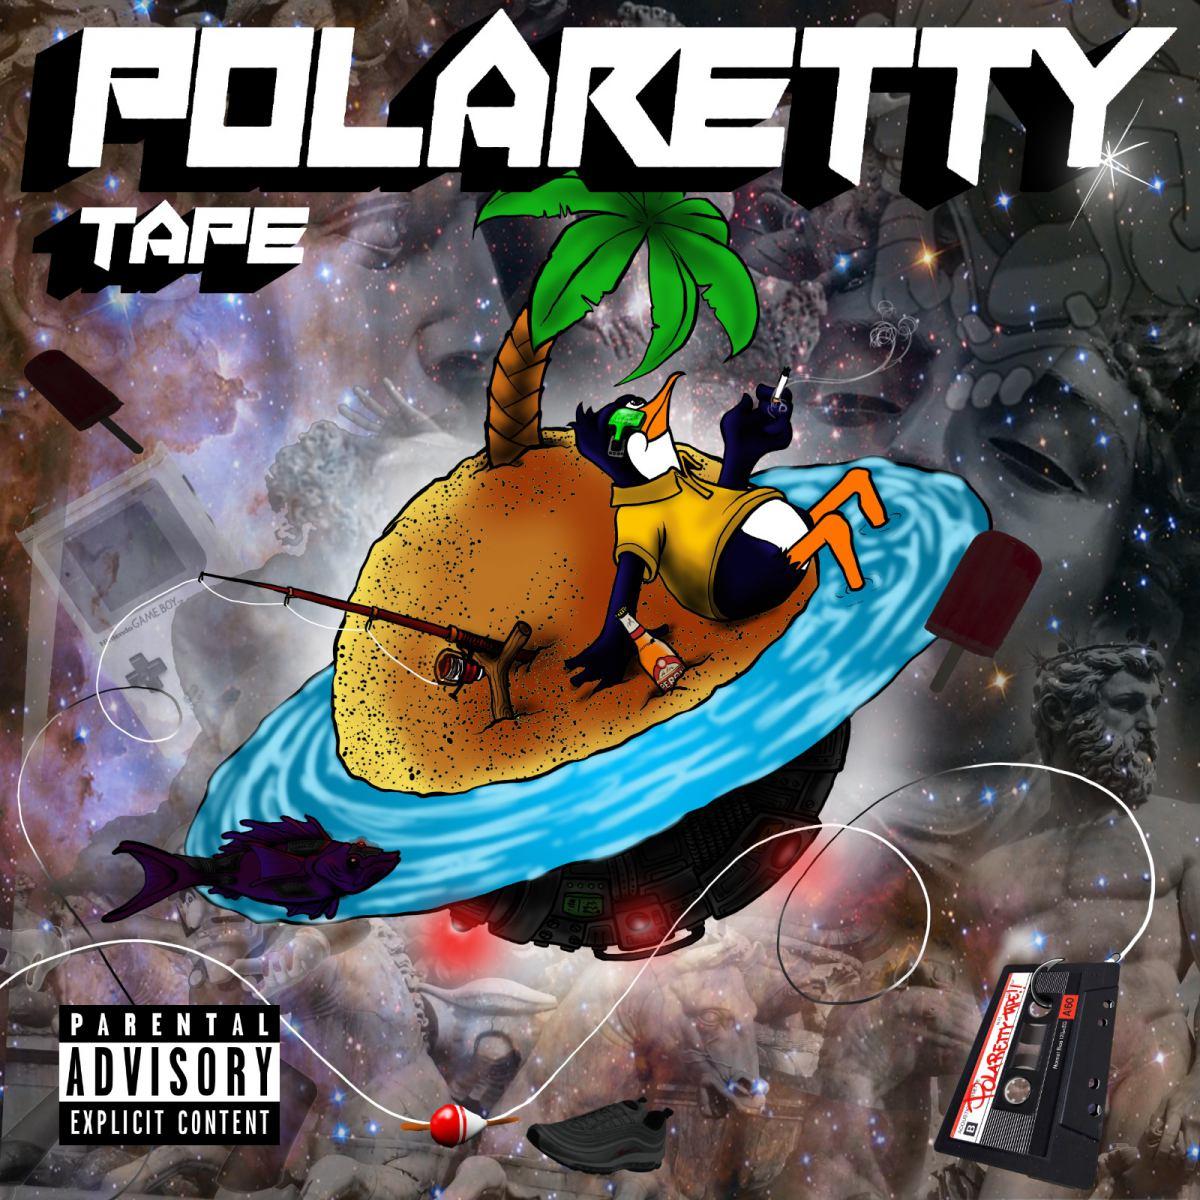 cover polaretty tape